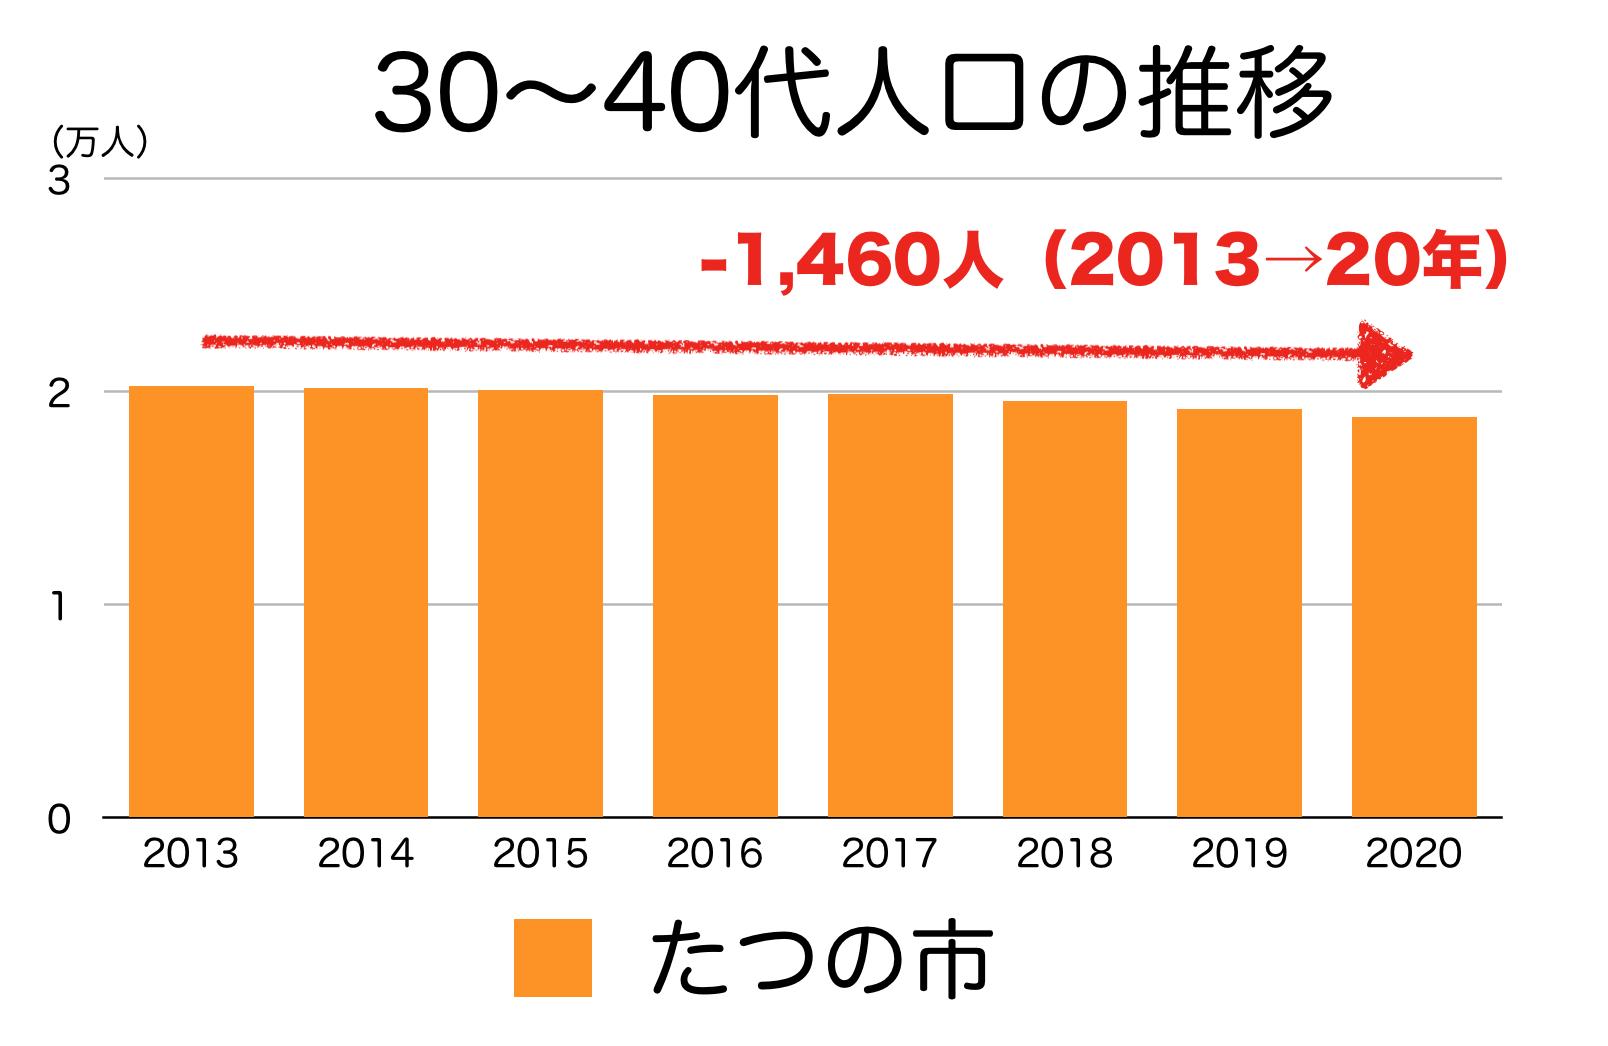 たつの市の30〜40代人口の推移